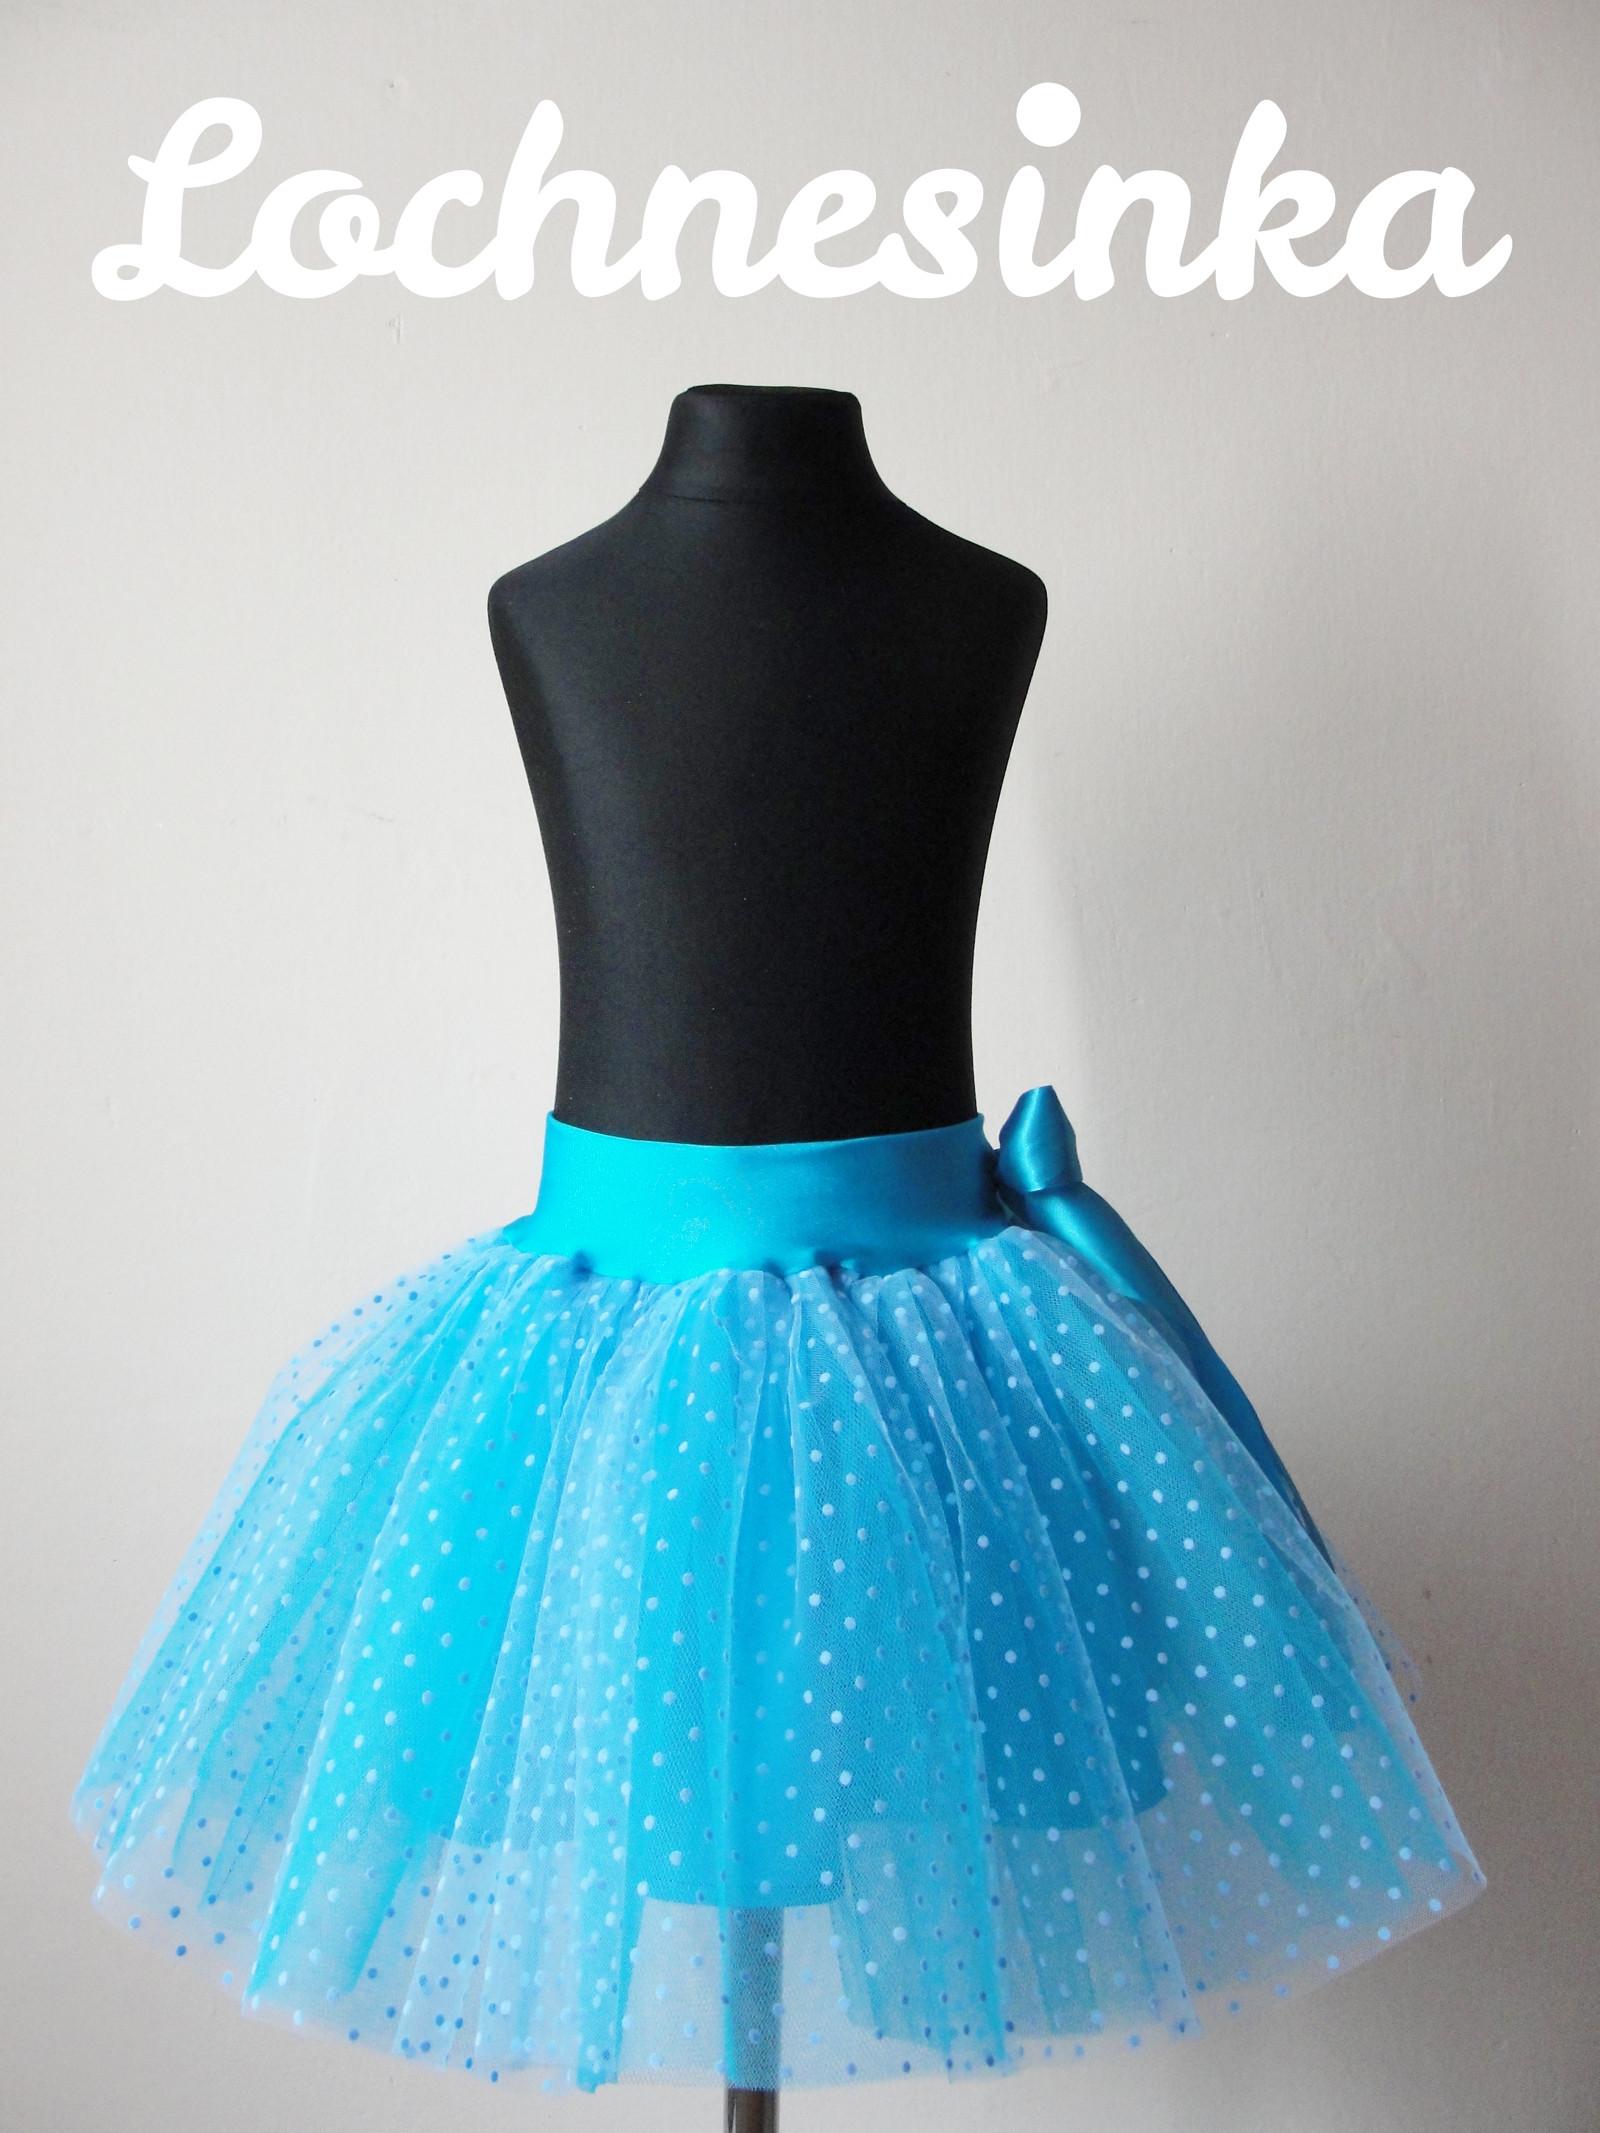 Tylová sukně modrá puntíkovaná   Zboží prodejce Lochnesinka  2b3acd20b1